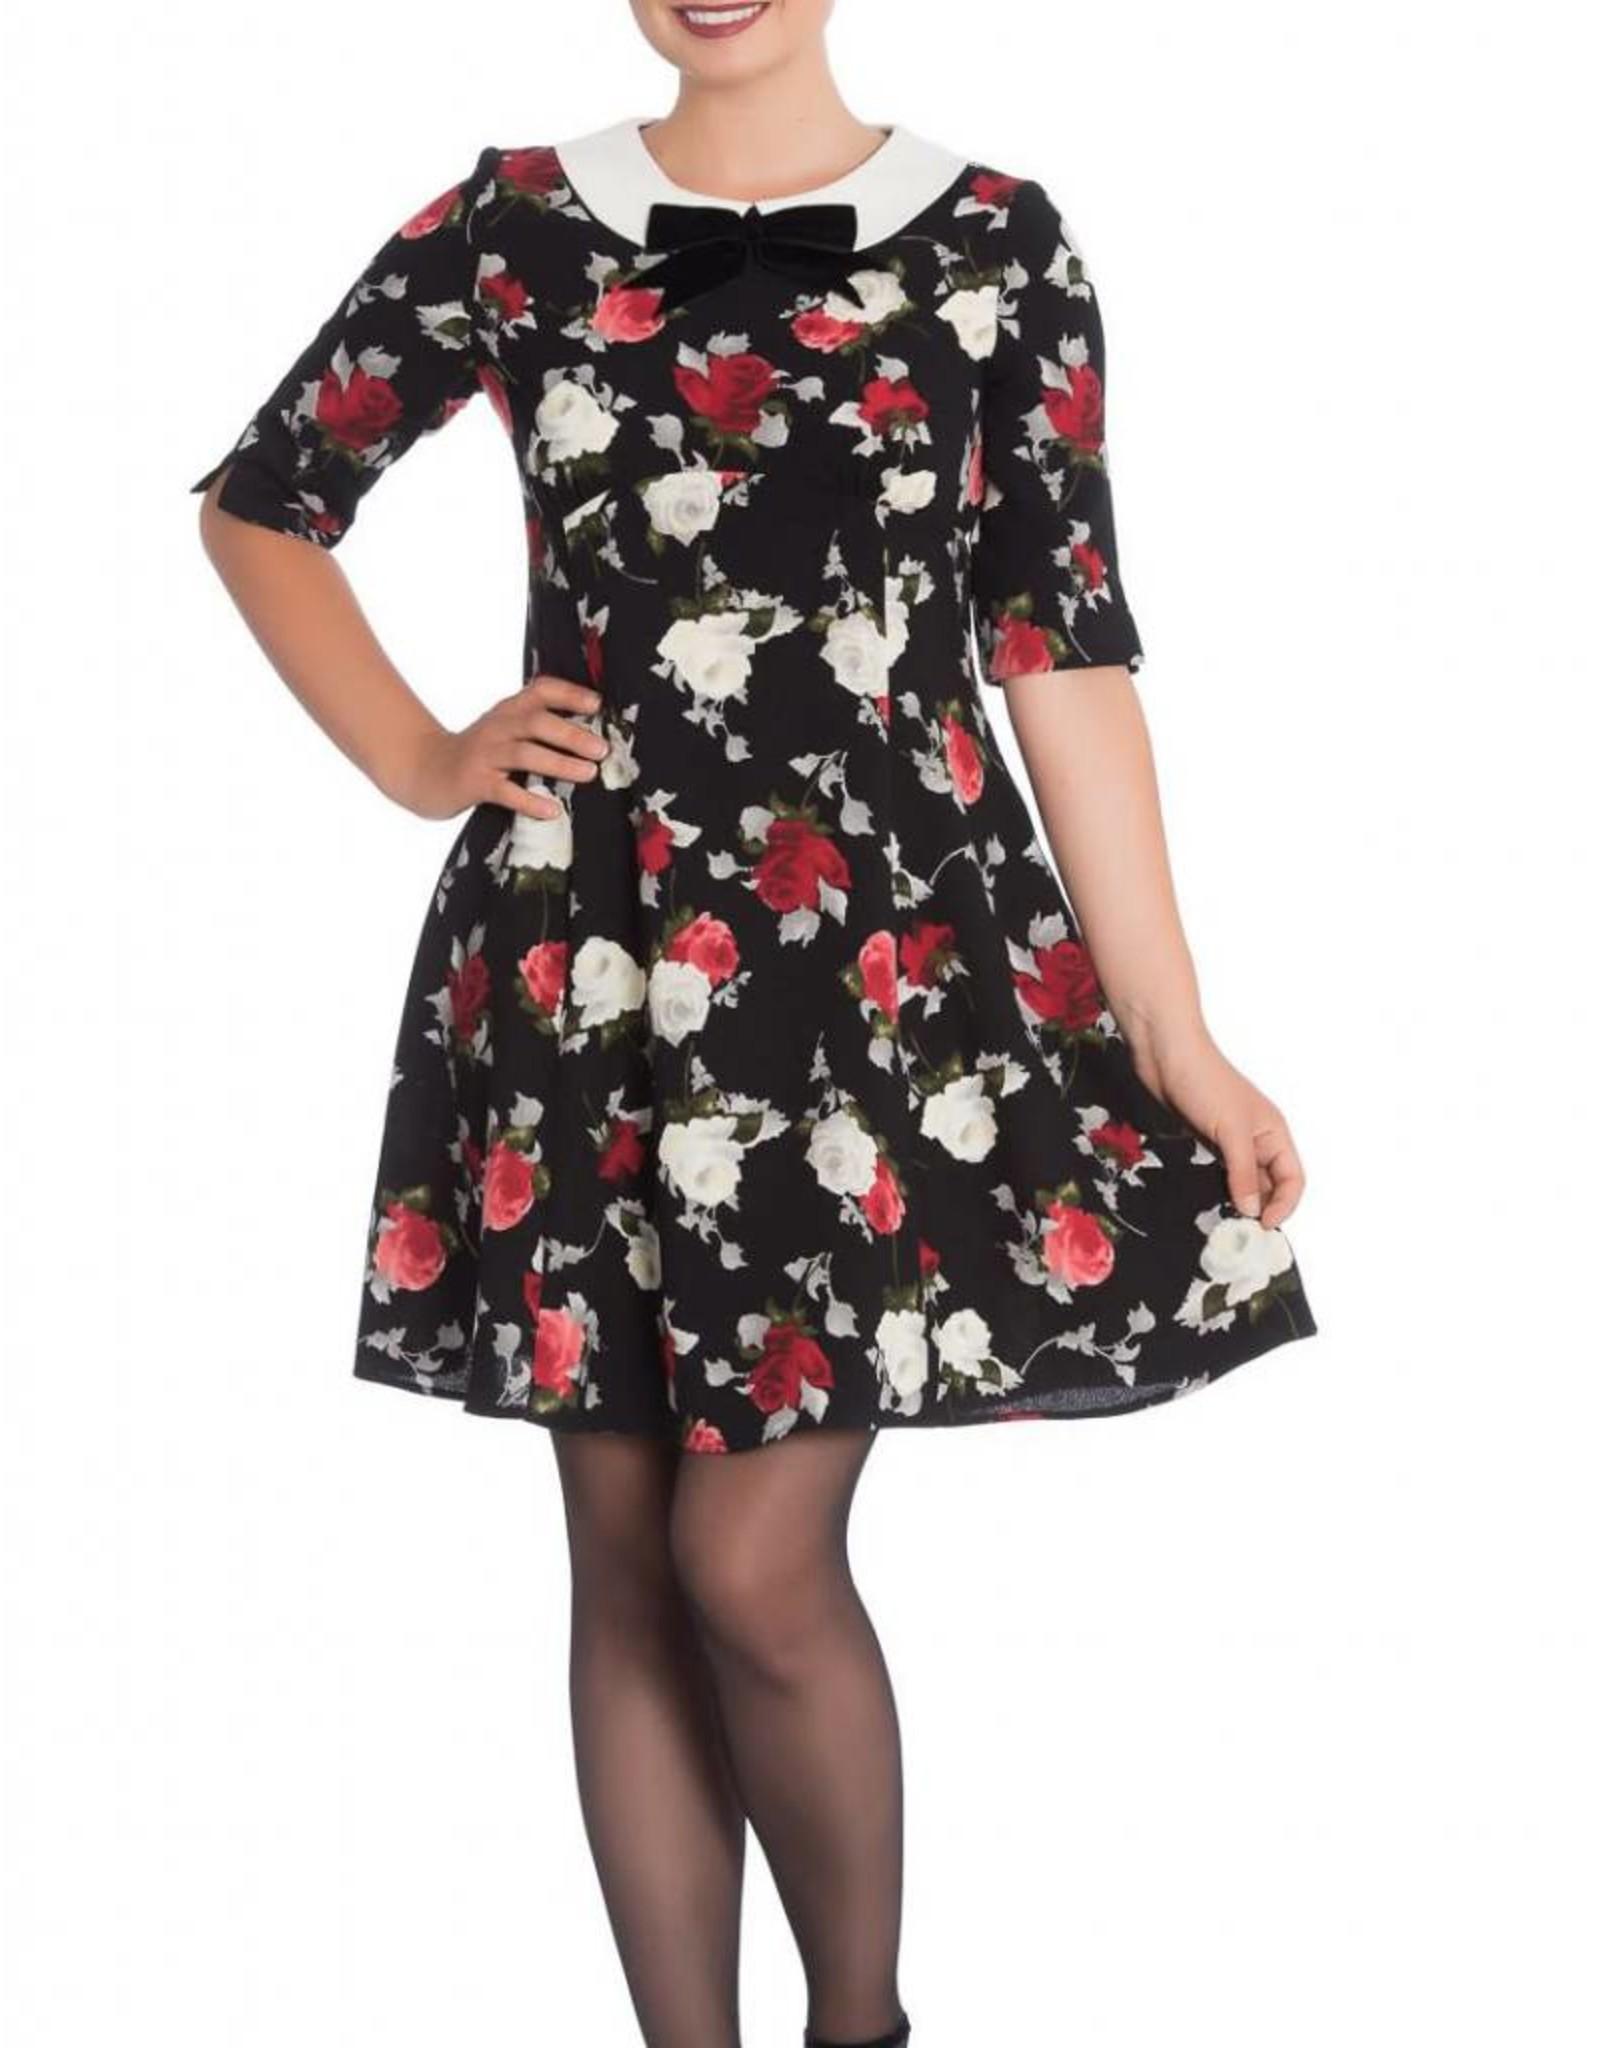 HELL BUNNY - Selma Mini Dress